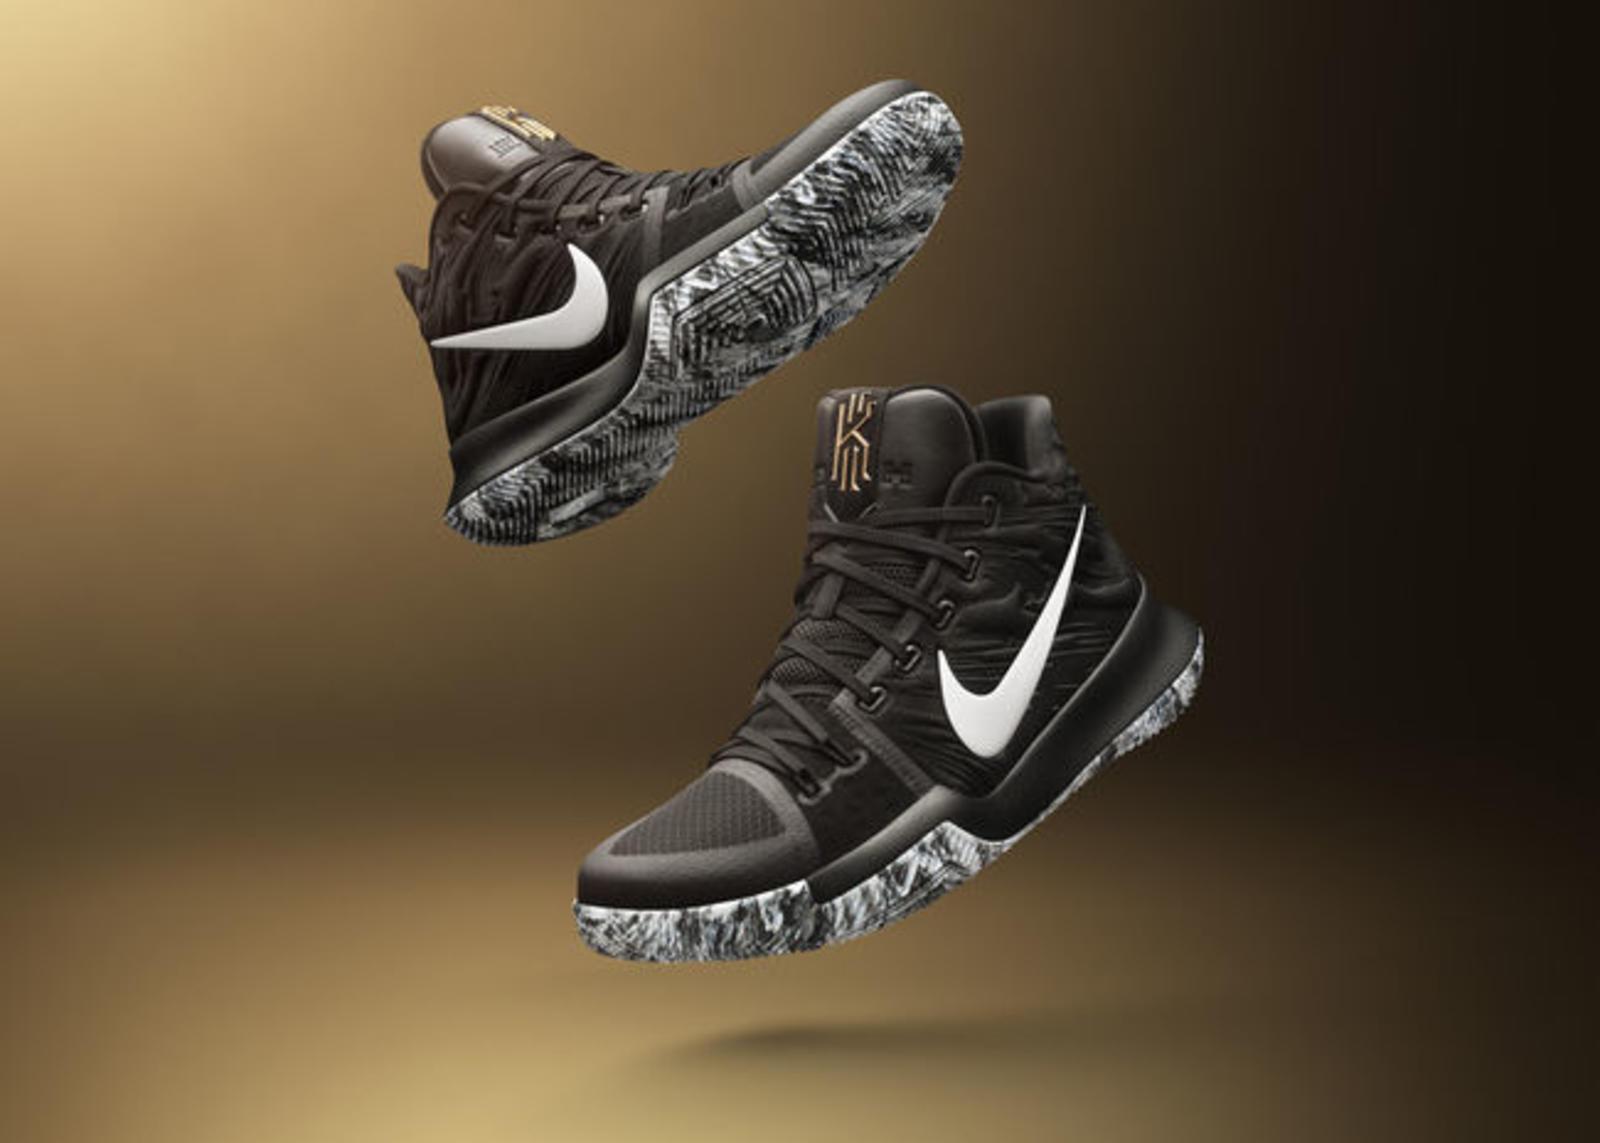 unisex jordan shoes adult